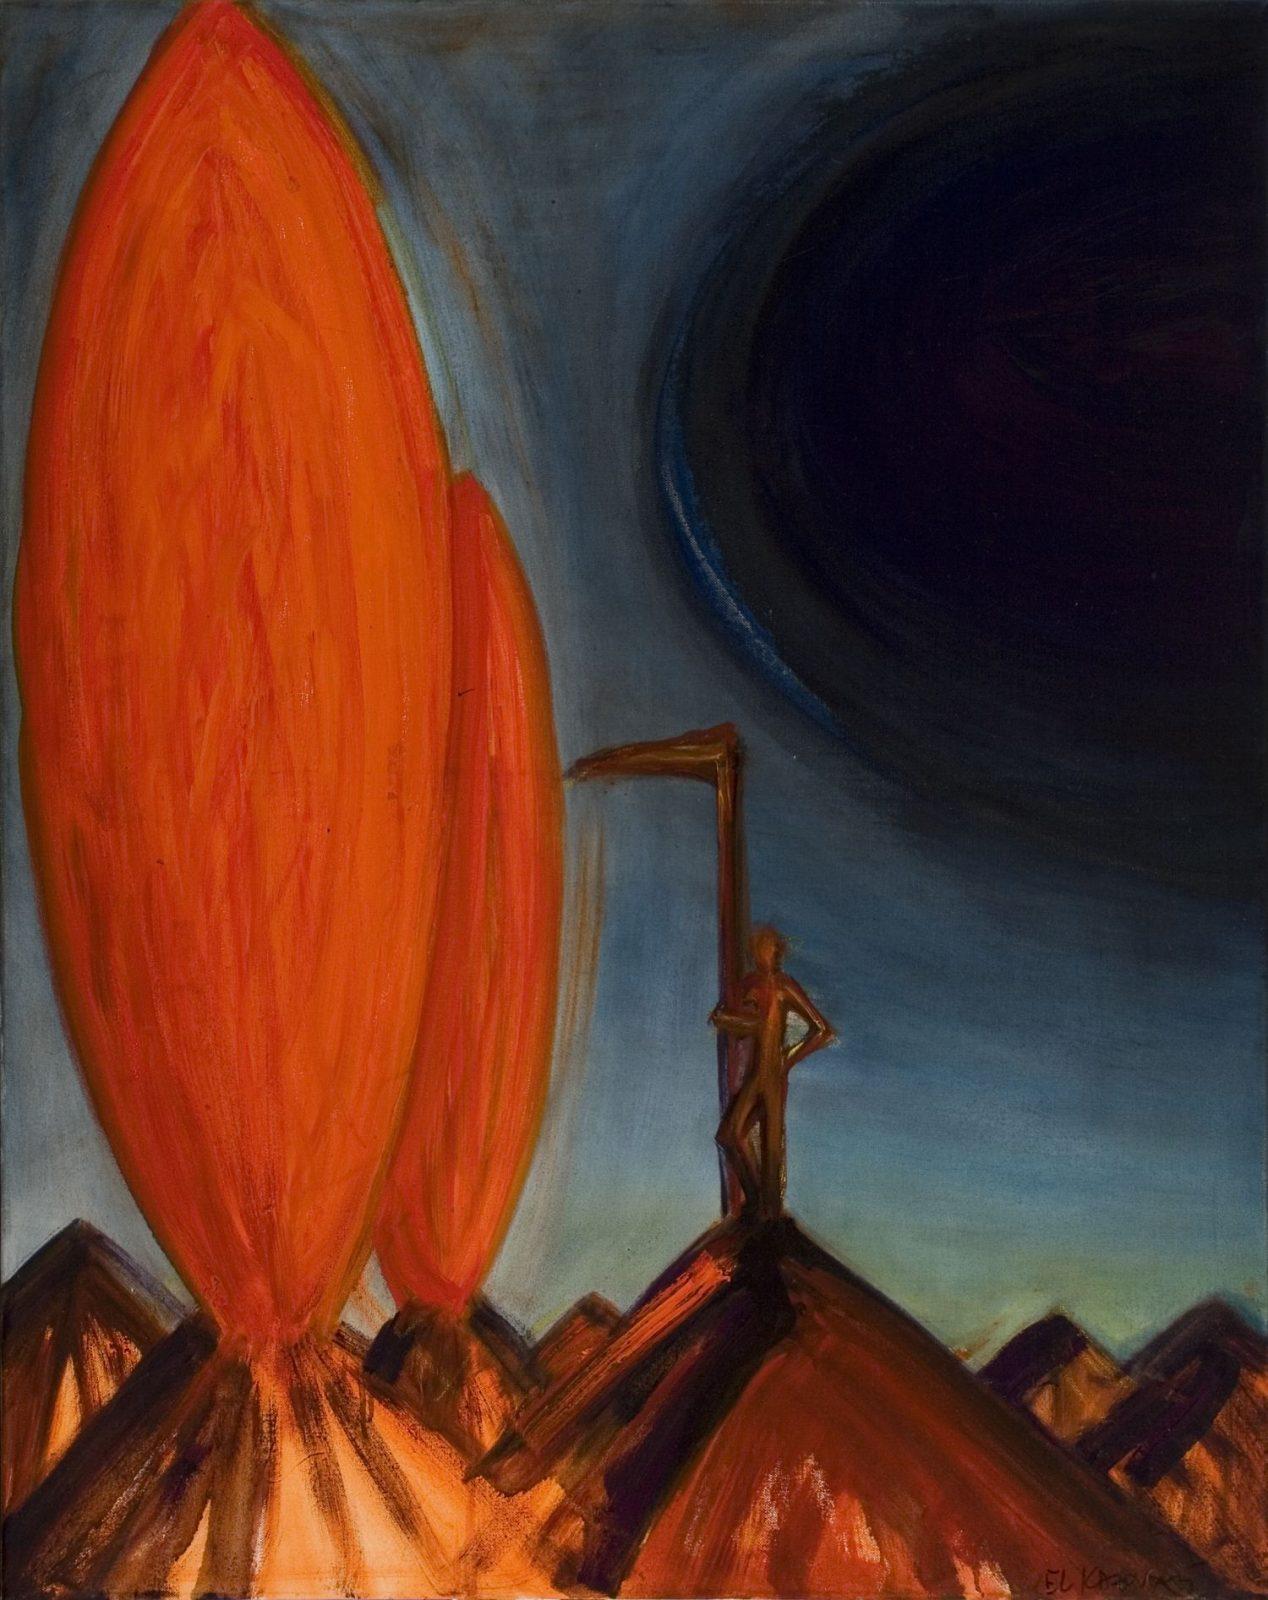 El Kazovszkij: Siren's Song